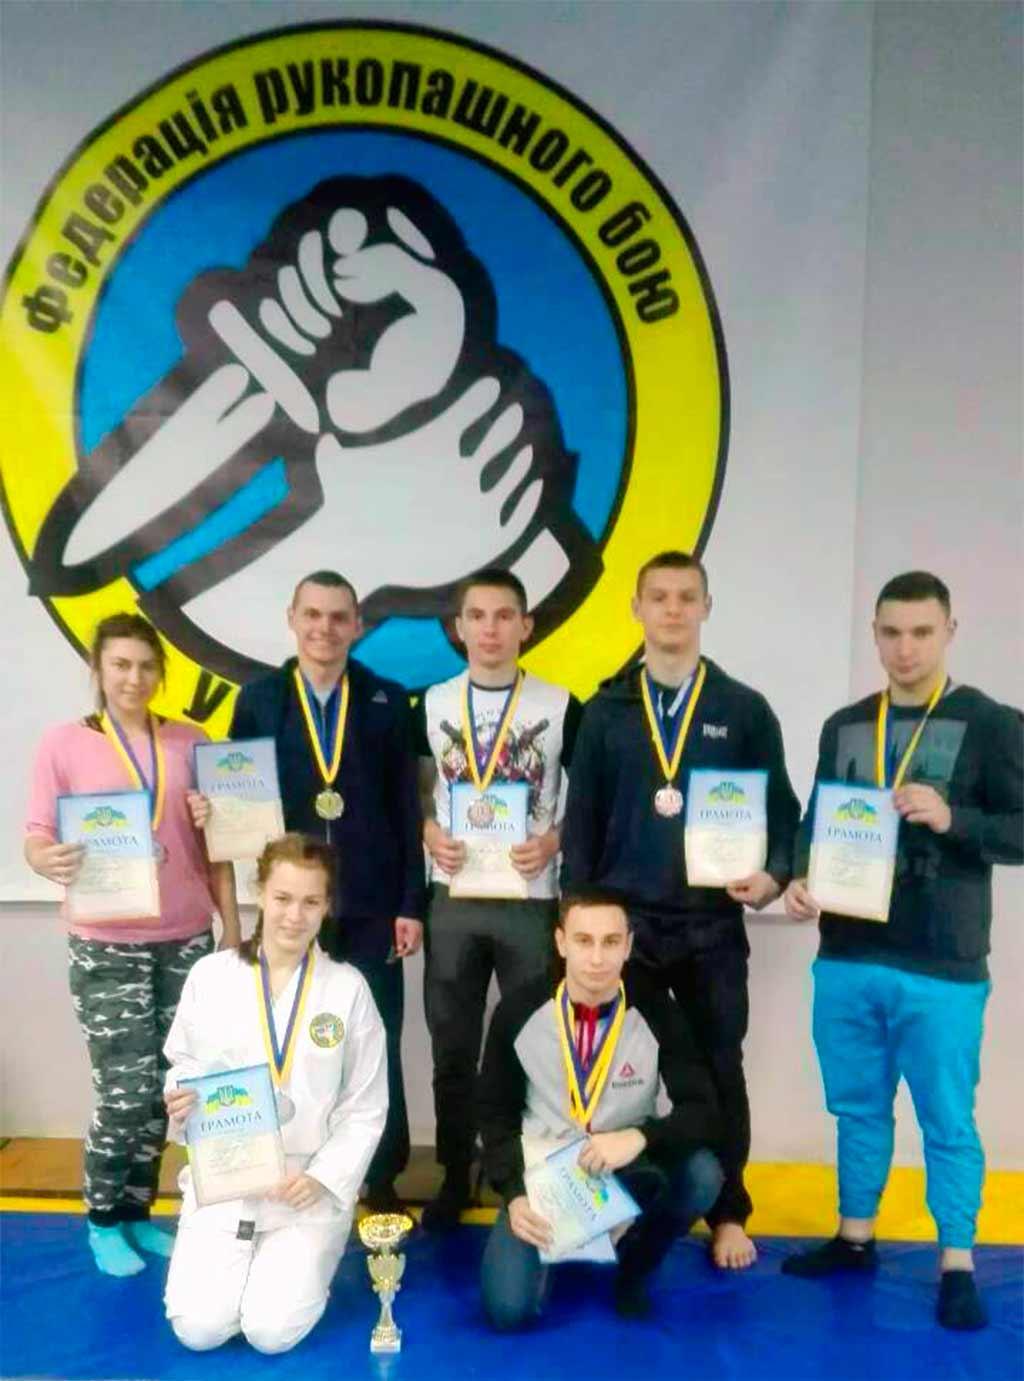 З обласних змагань з рукопашного бою курсанти університету привезли 10 призових медалей